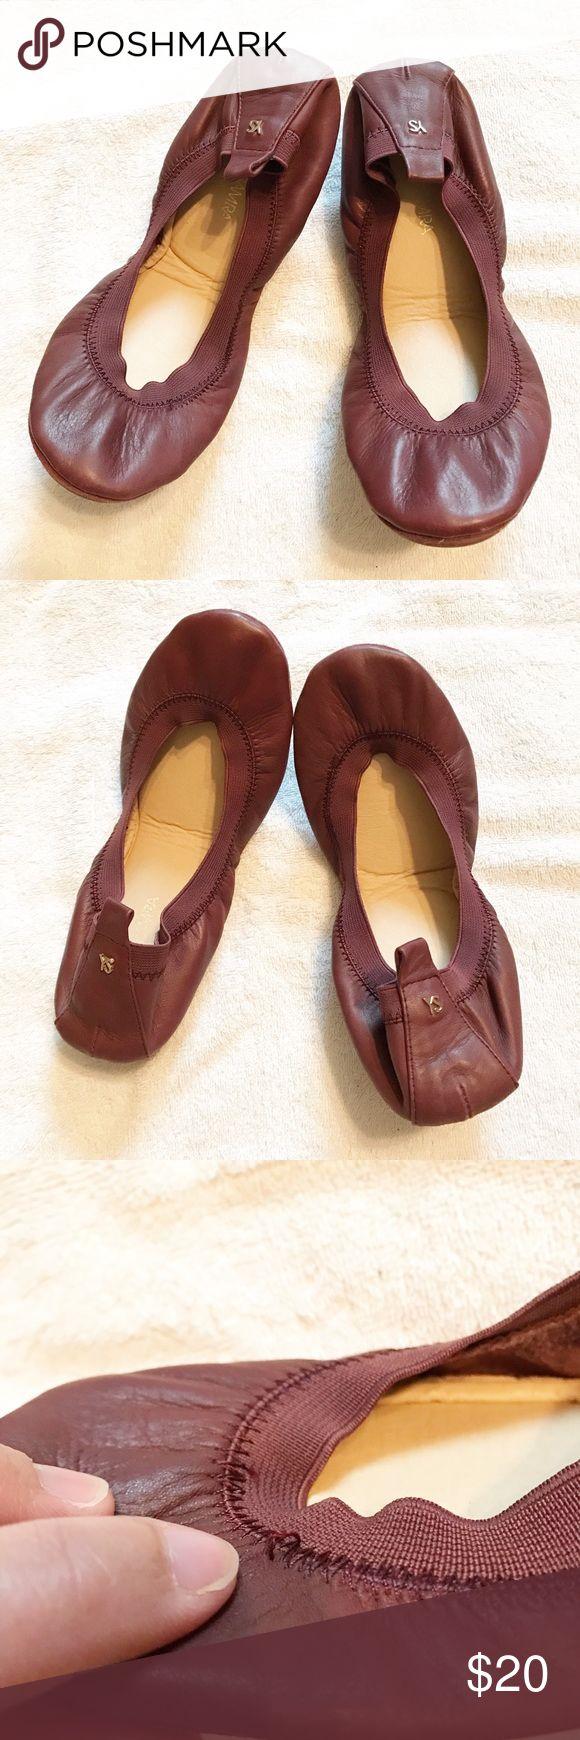 Yosi Samra Foldable Shoes Used. No box. Yosi Samra Shoes